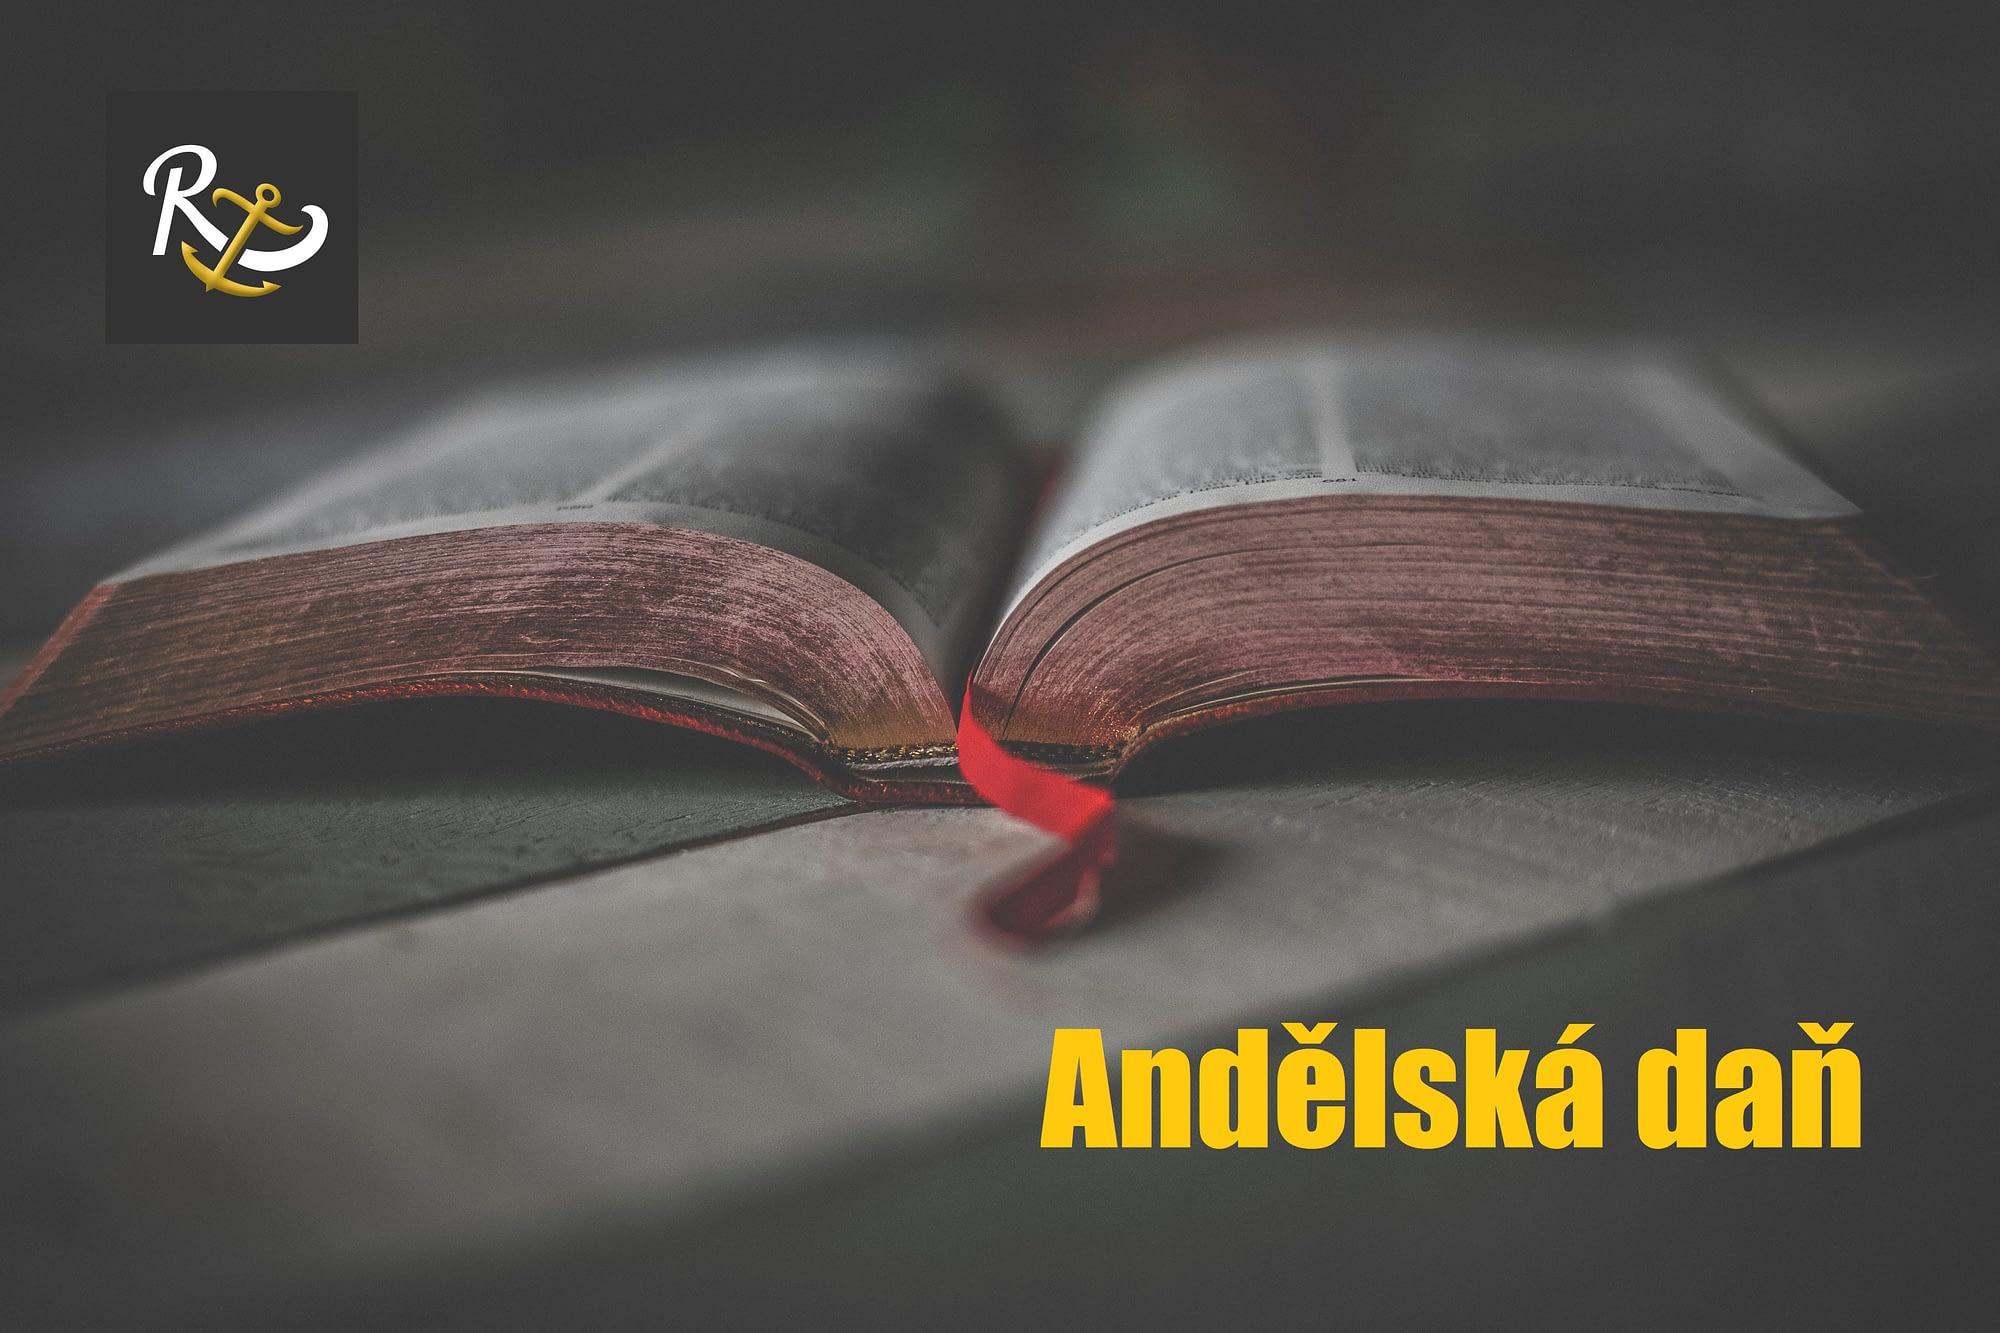 andelska dan